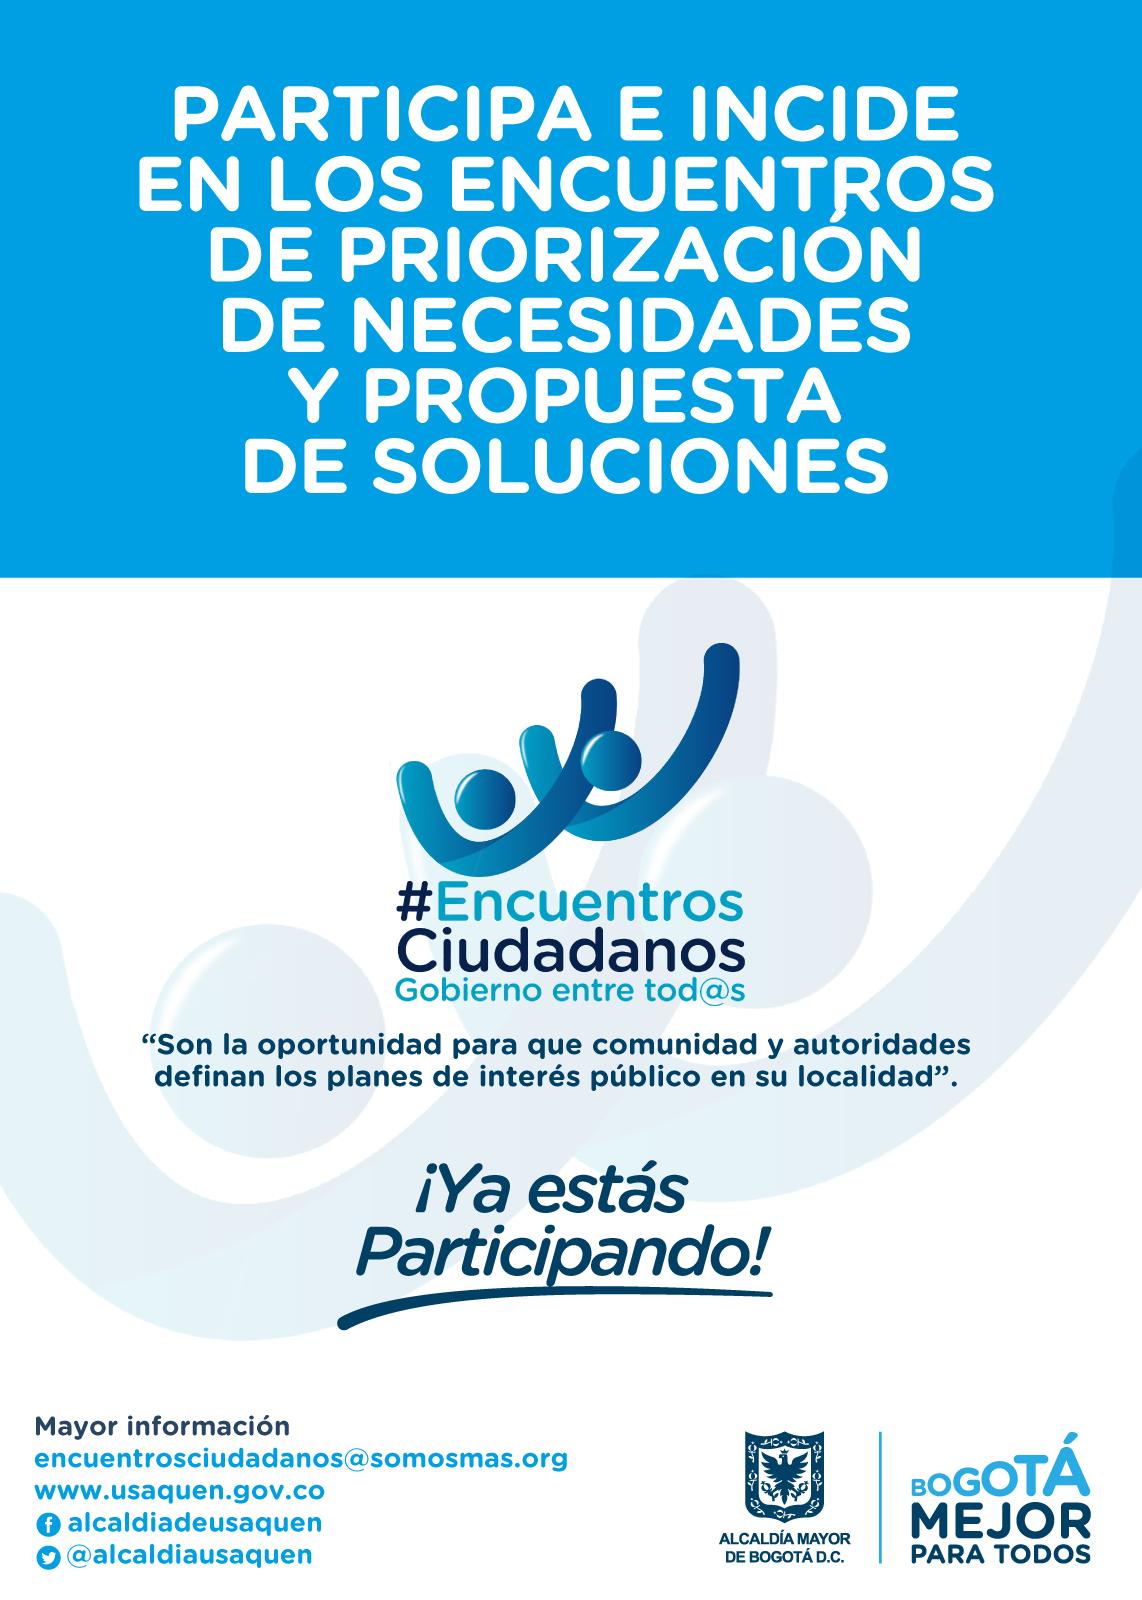 Usaquén: Encuentros Ciudadanos